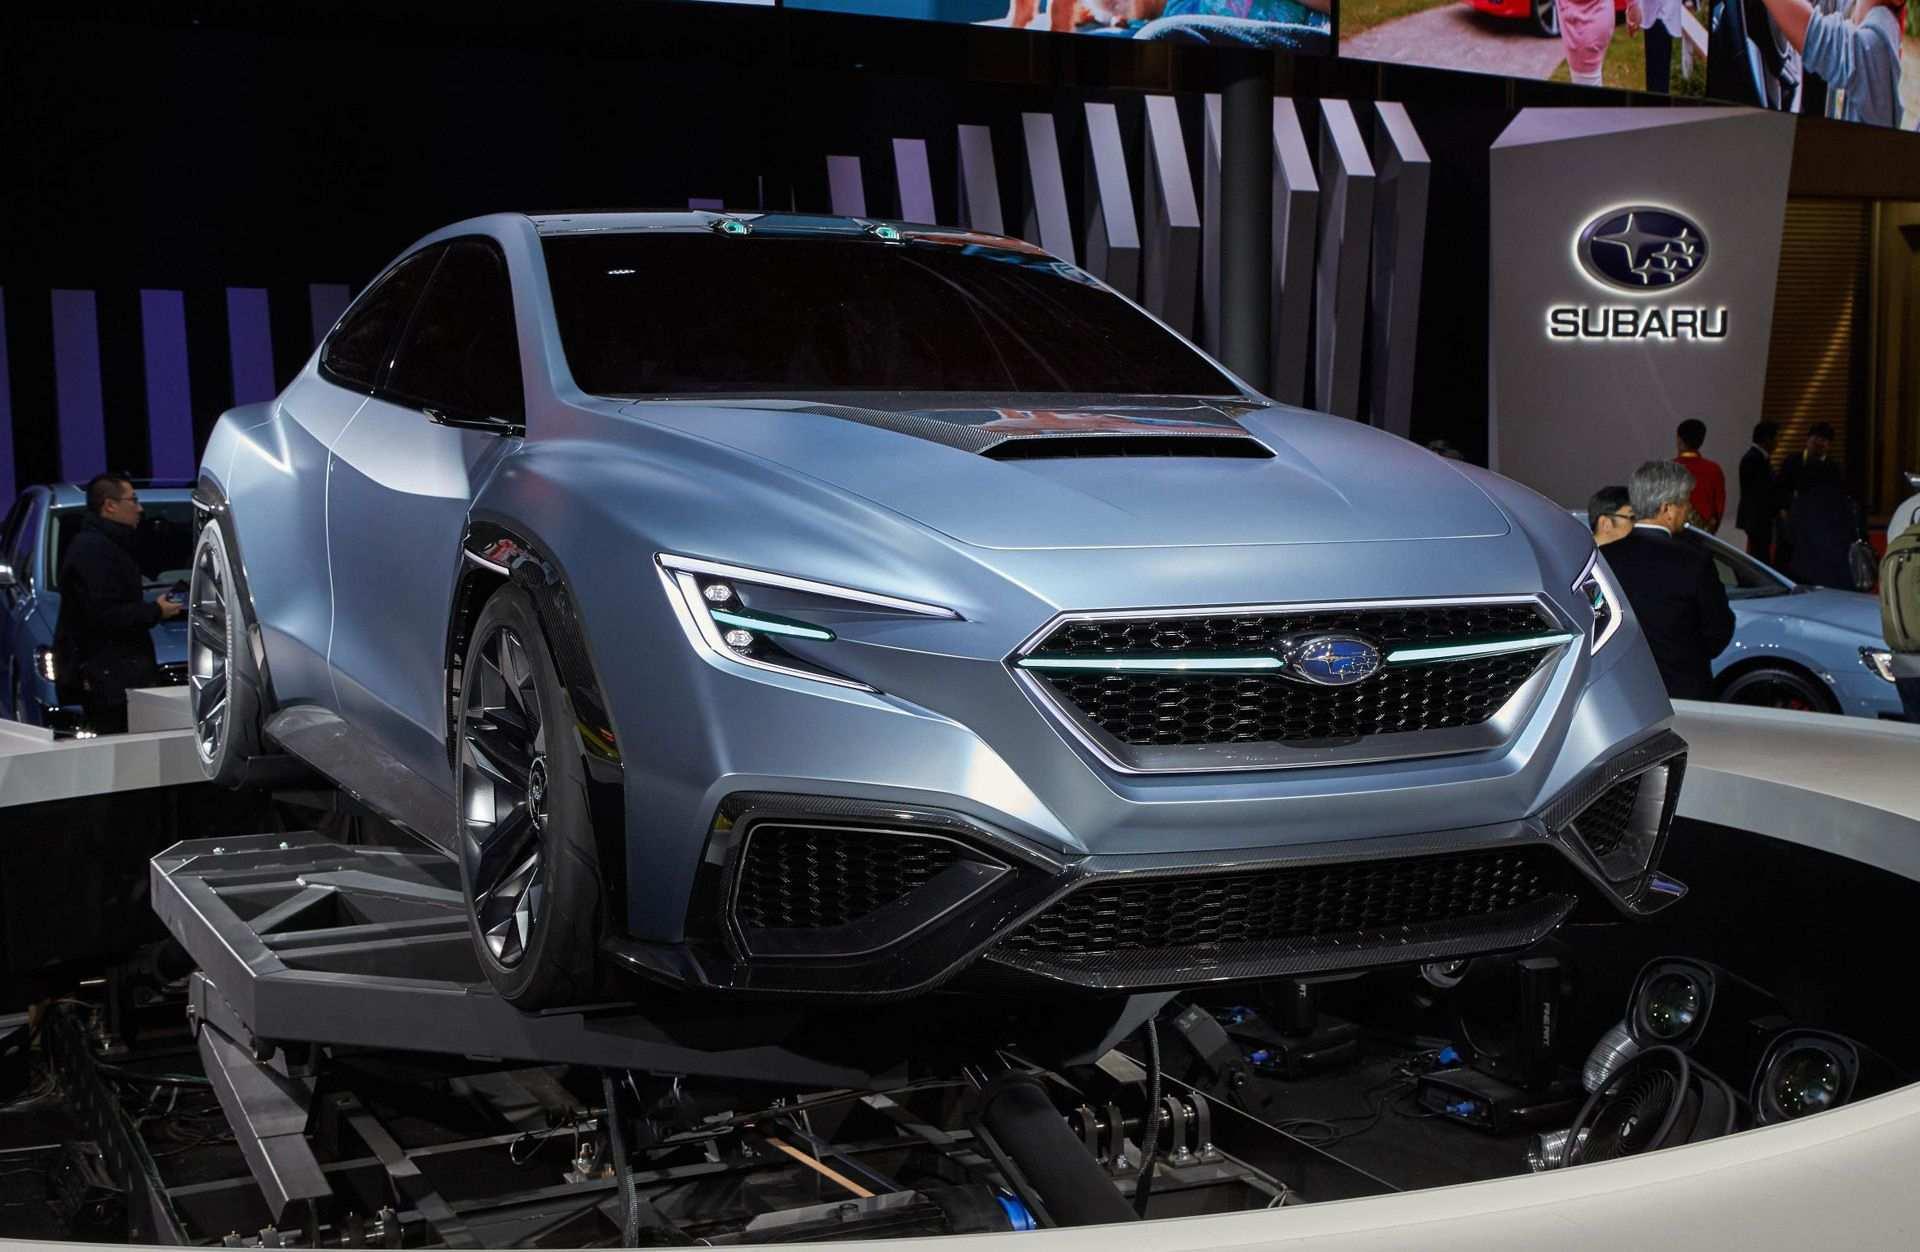 24 New 2020 Subaru Wrx Exterior Redesign with 2020 Subaru Wrx Exterior